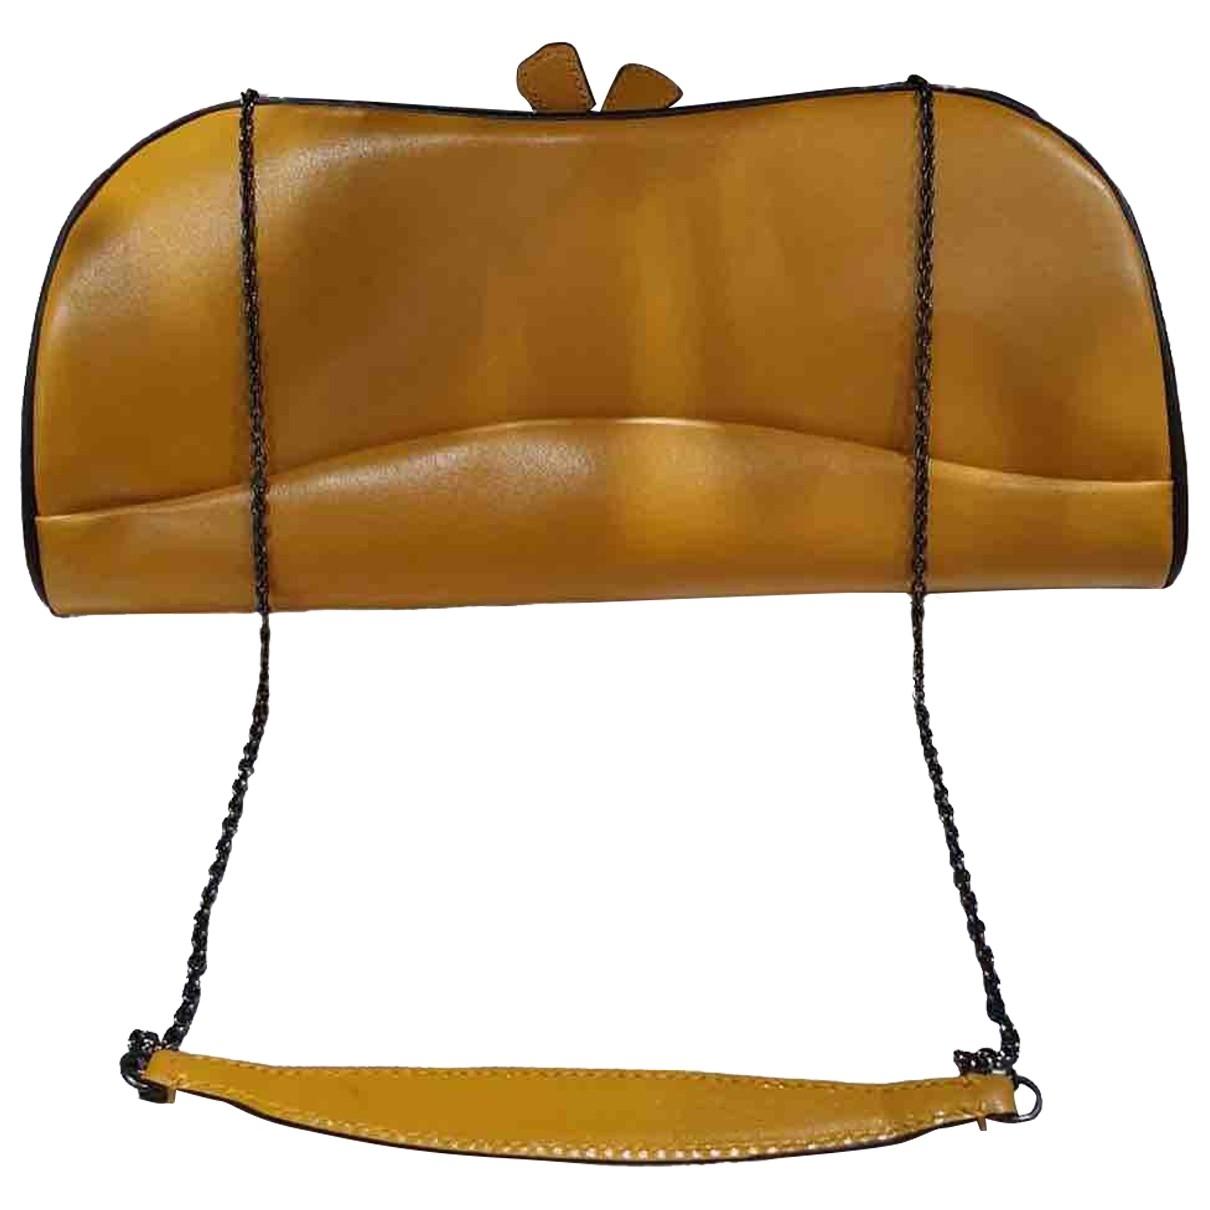 Prada \N Leather Clutch bag for Women \N